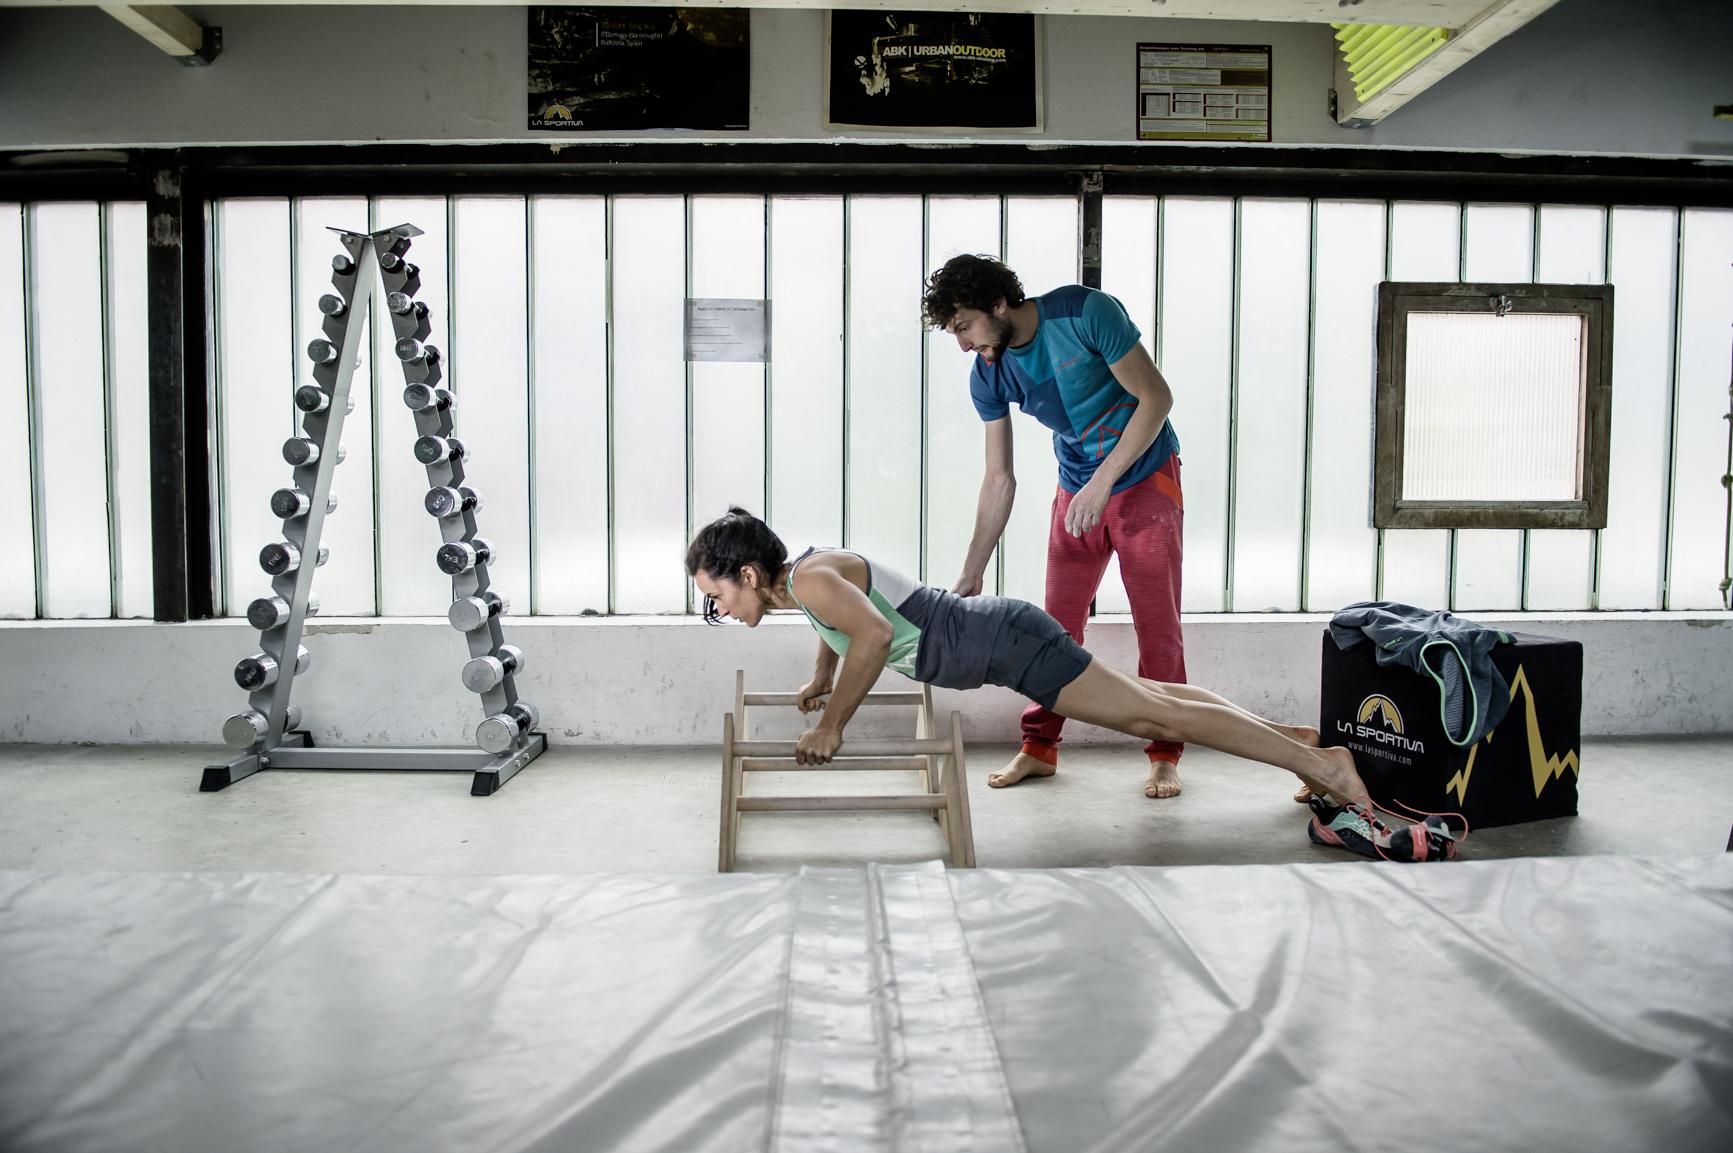 workshop silvio reffo milano climbing expo urban wall competizione arrampicata